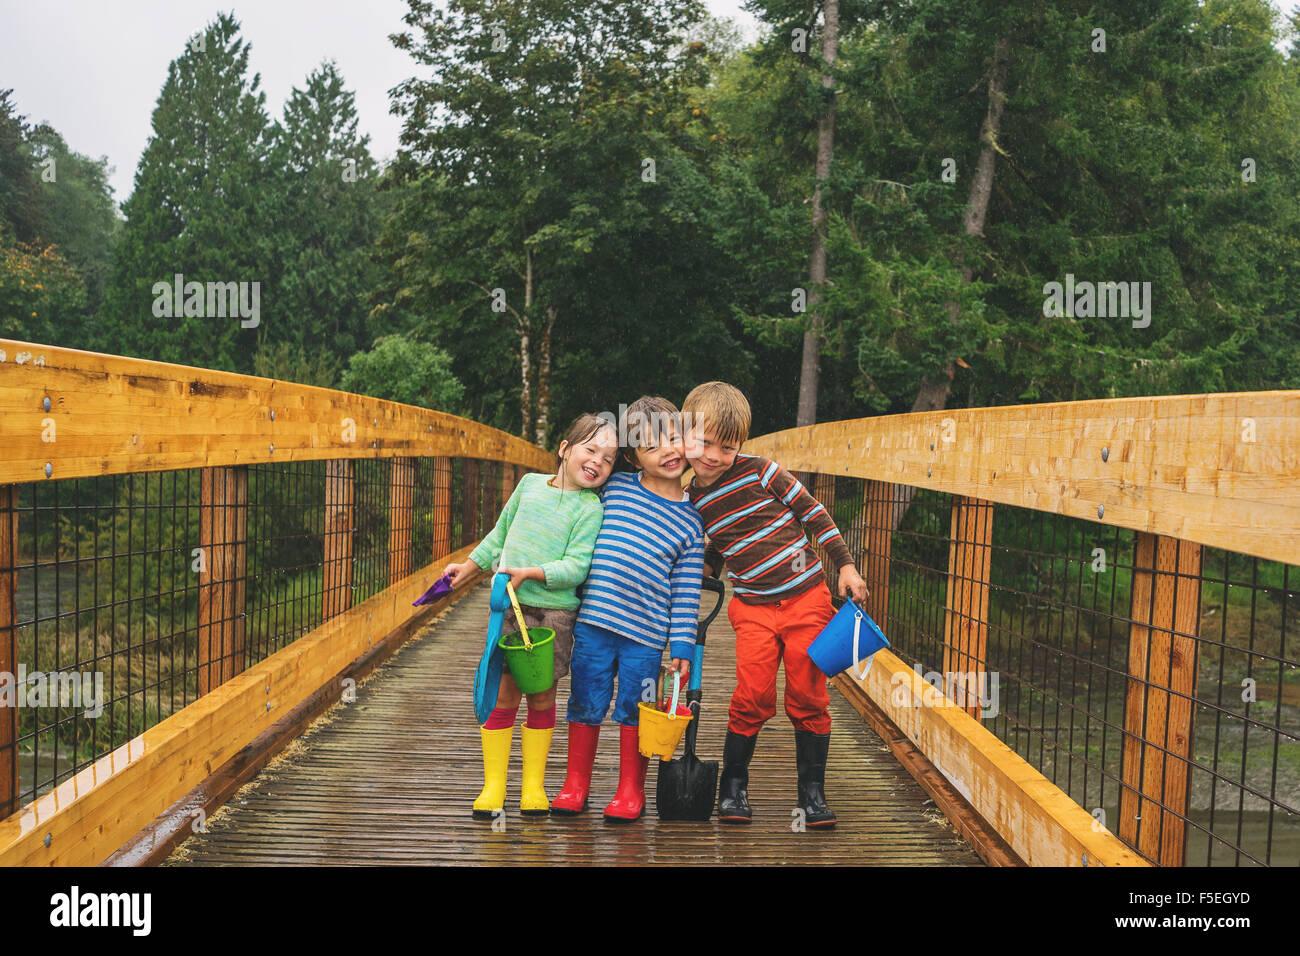 Zwei Jungs und ein Mädchen auf einer Holzbrücke im Regen stehen Stockbild